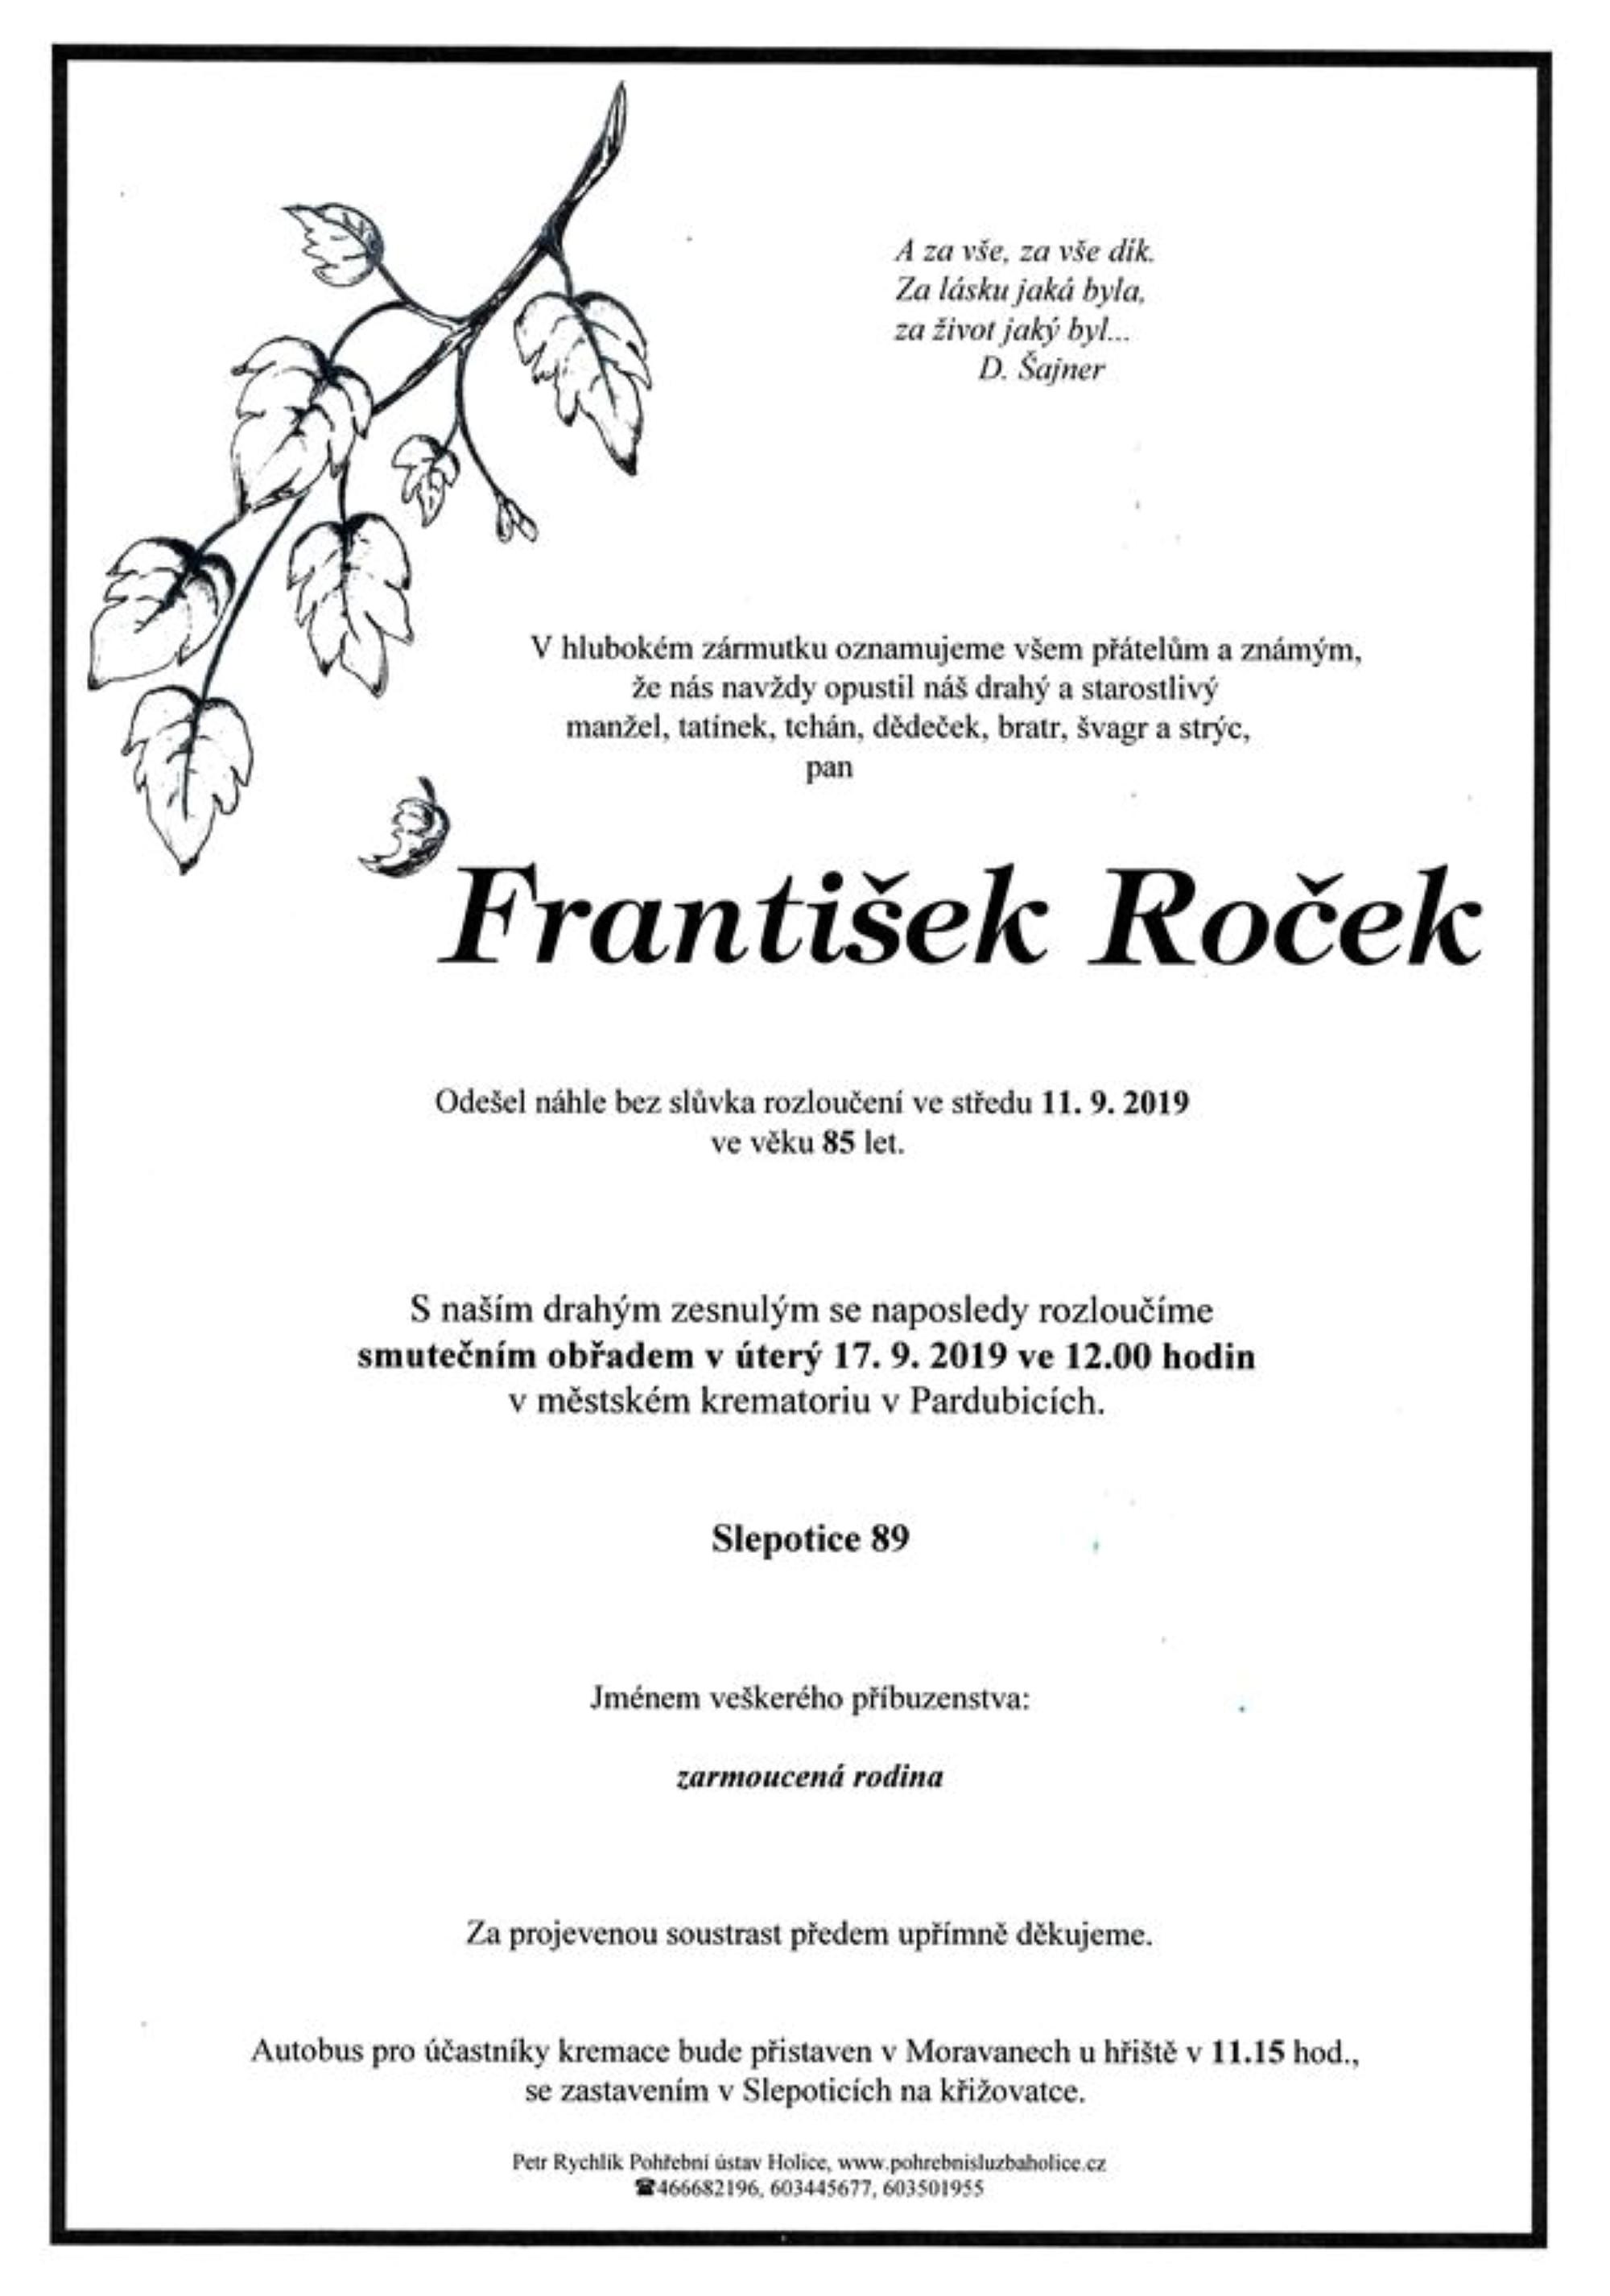 František Roček